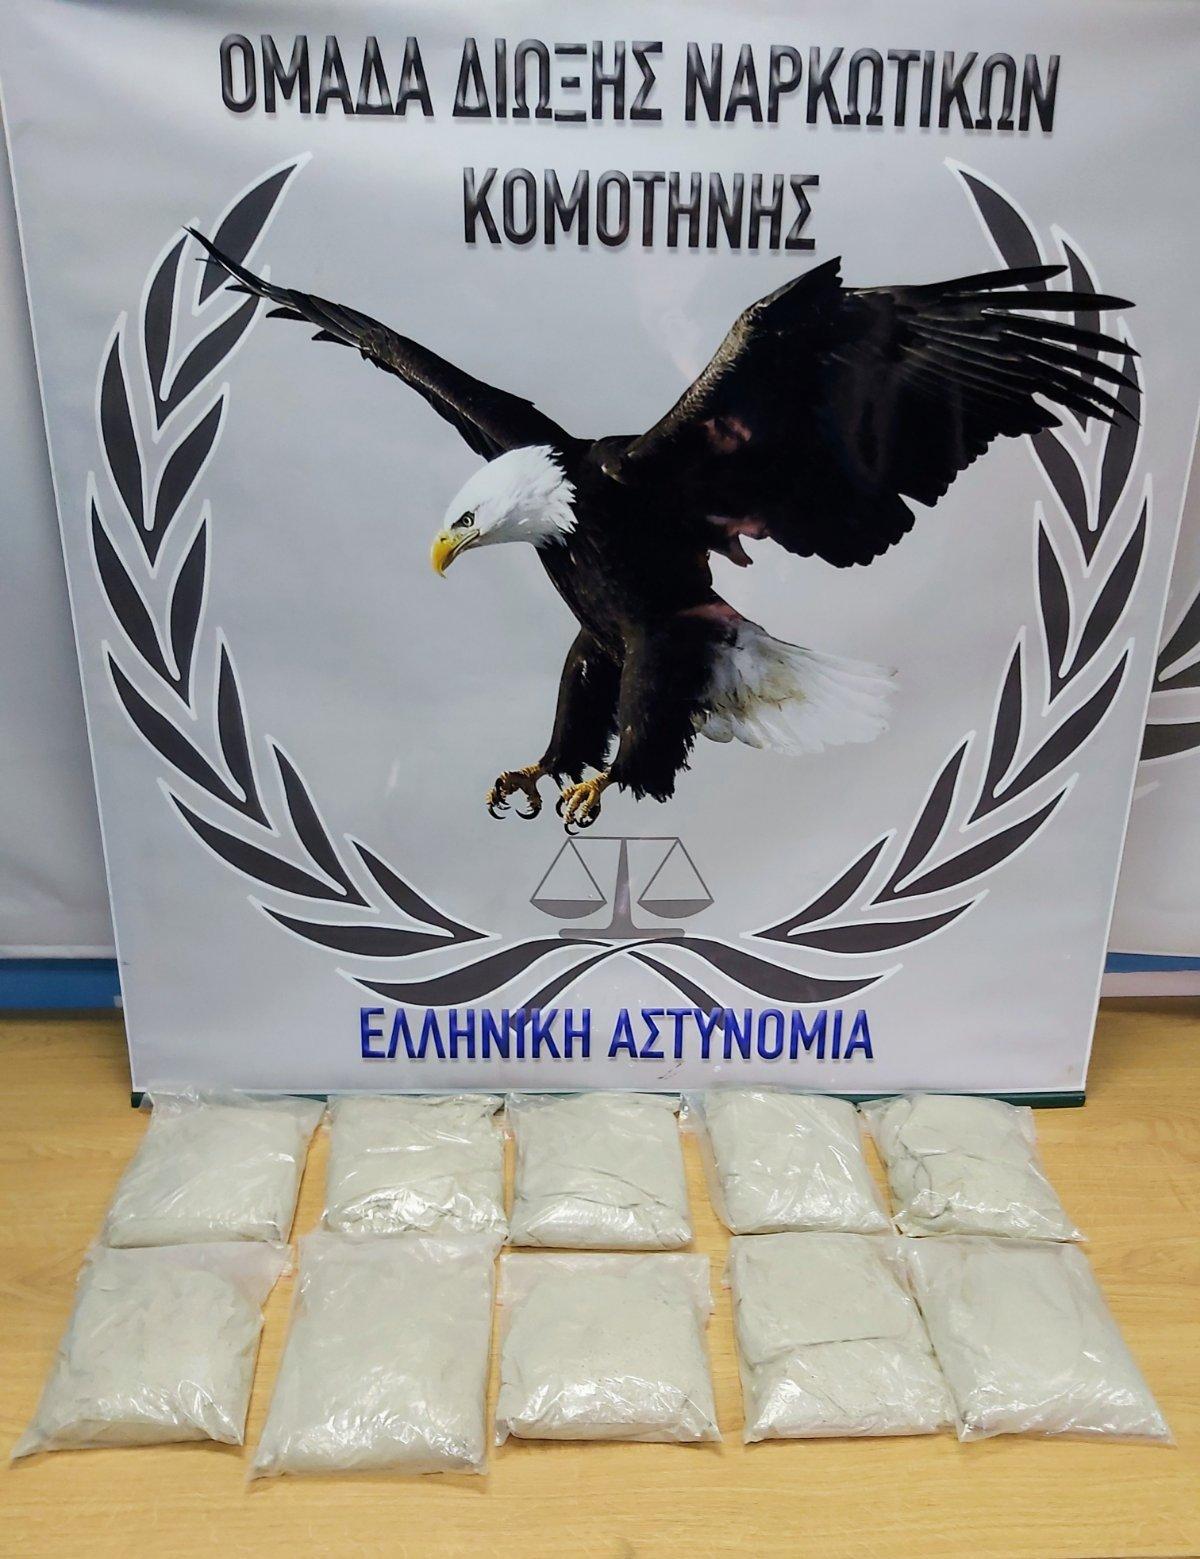 Σπείρα μετέφερε ναρκωτικά από Τουρκία – Τον τσάκωσαν με 10 σακούλες